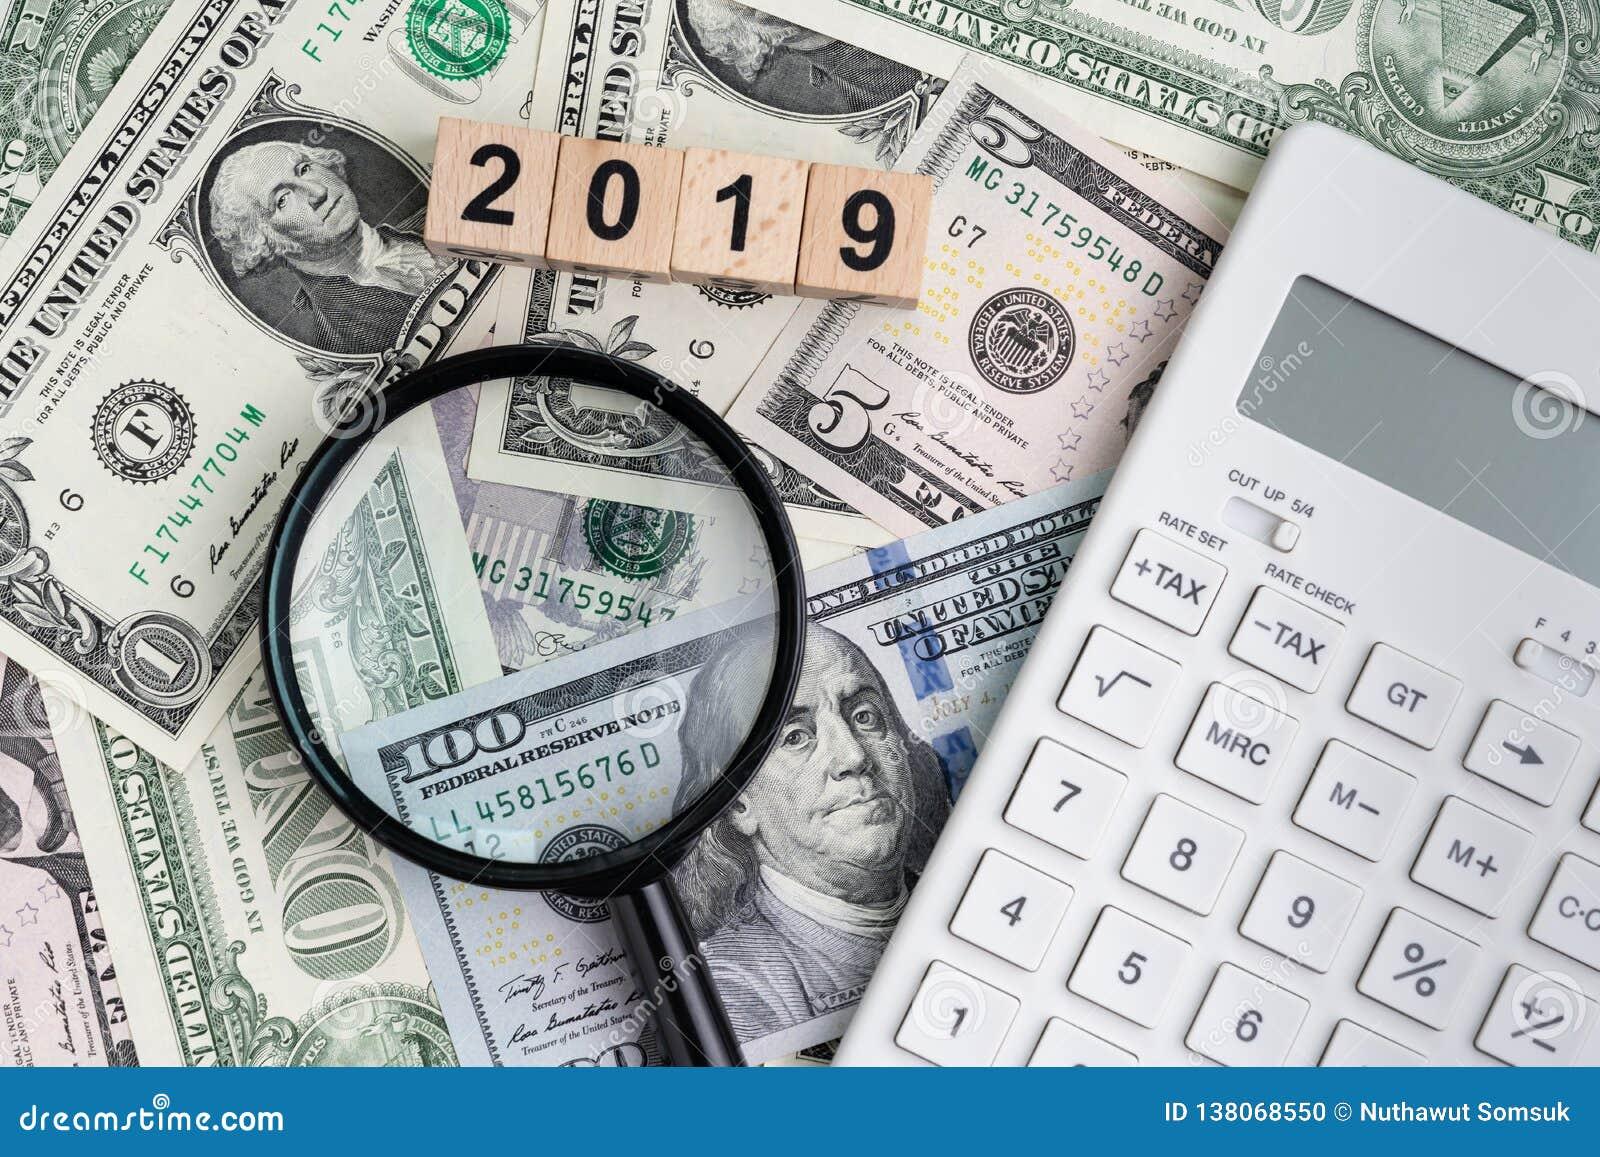 Jaar 2019 die naar financieel succes zoeken of winst of belastingsberekeningsconcept, zwart vergrootglas met houten kubus vinden